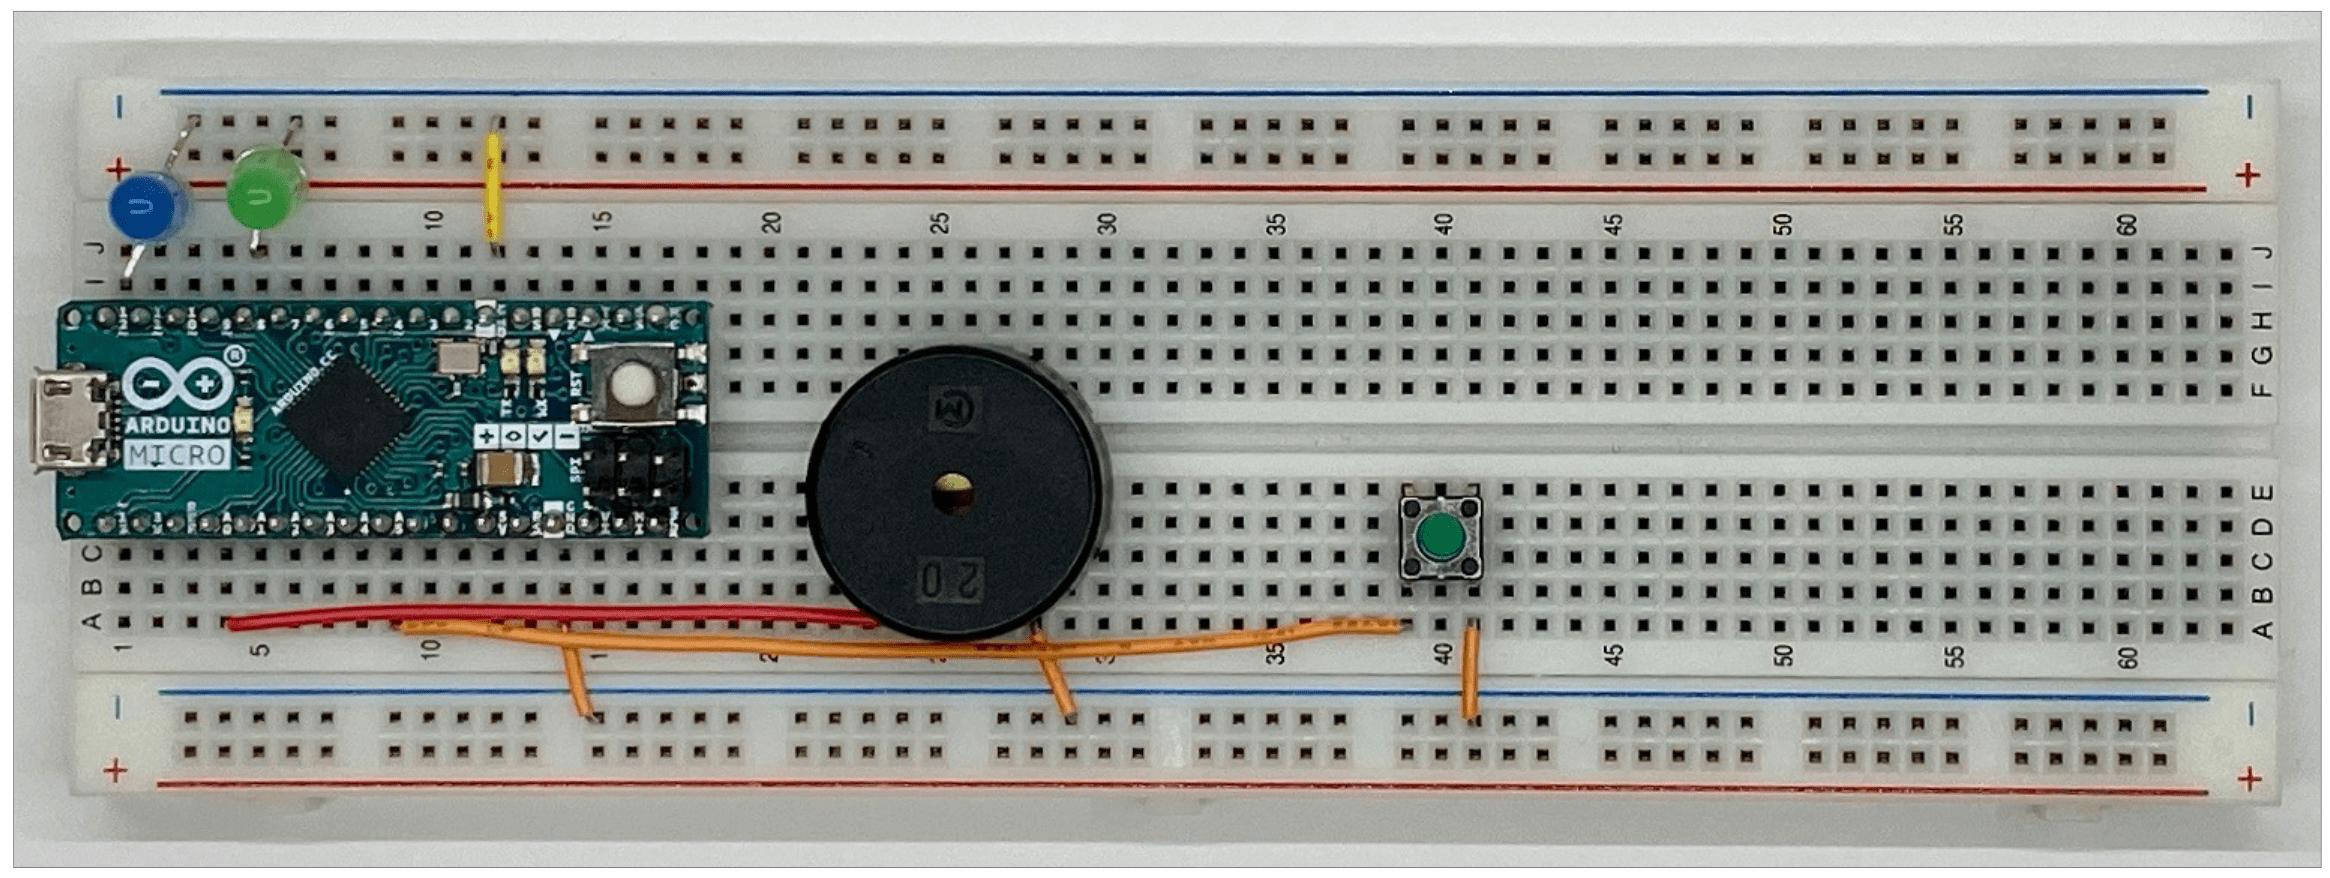 ブレッドボードの配線状態